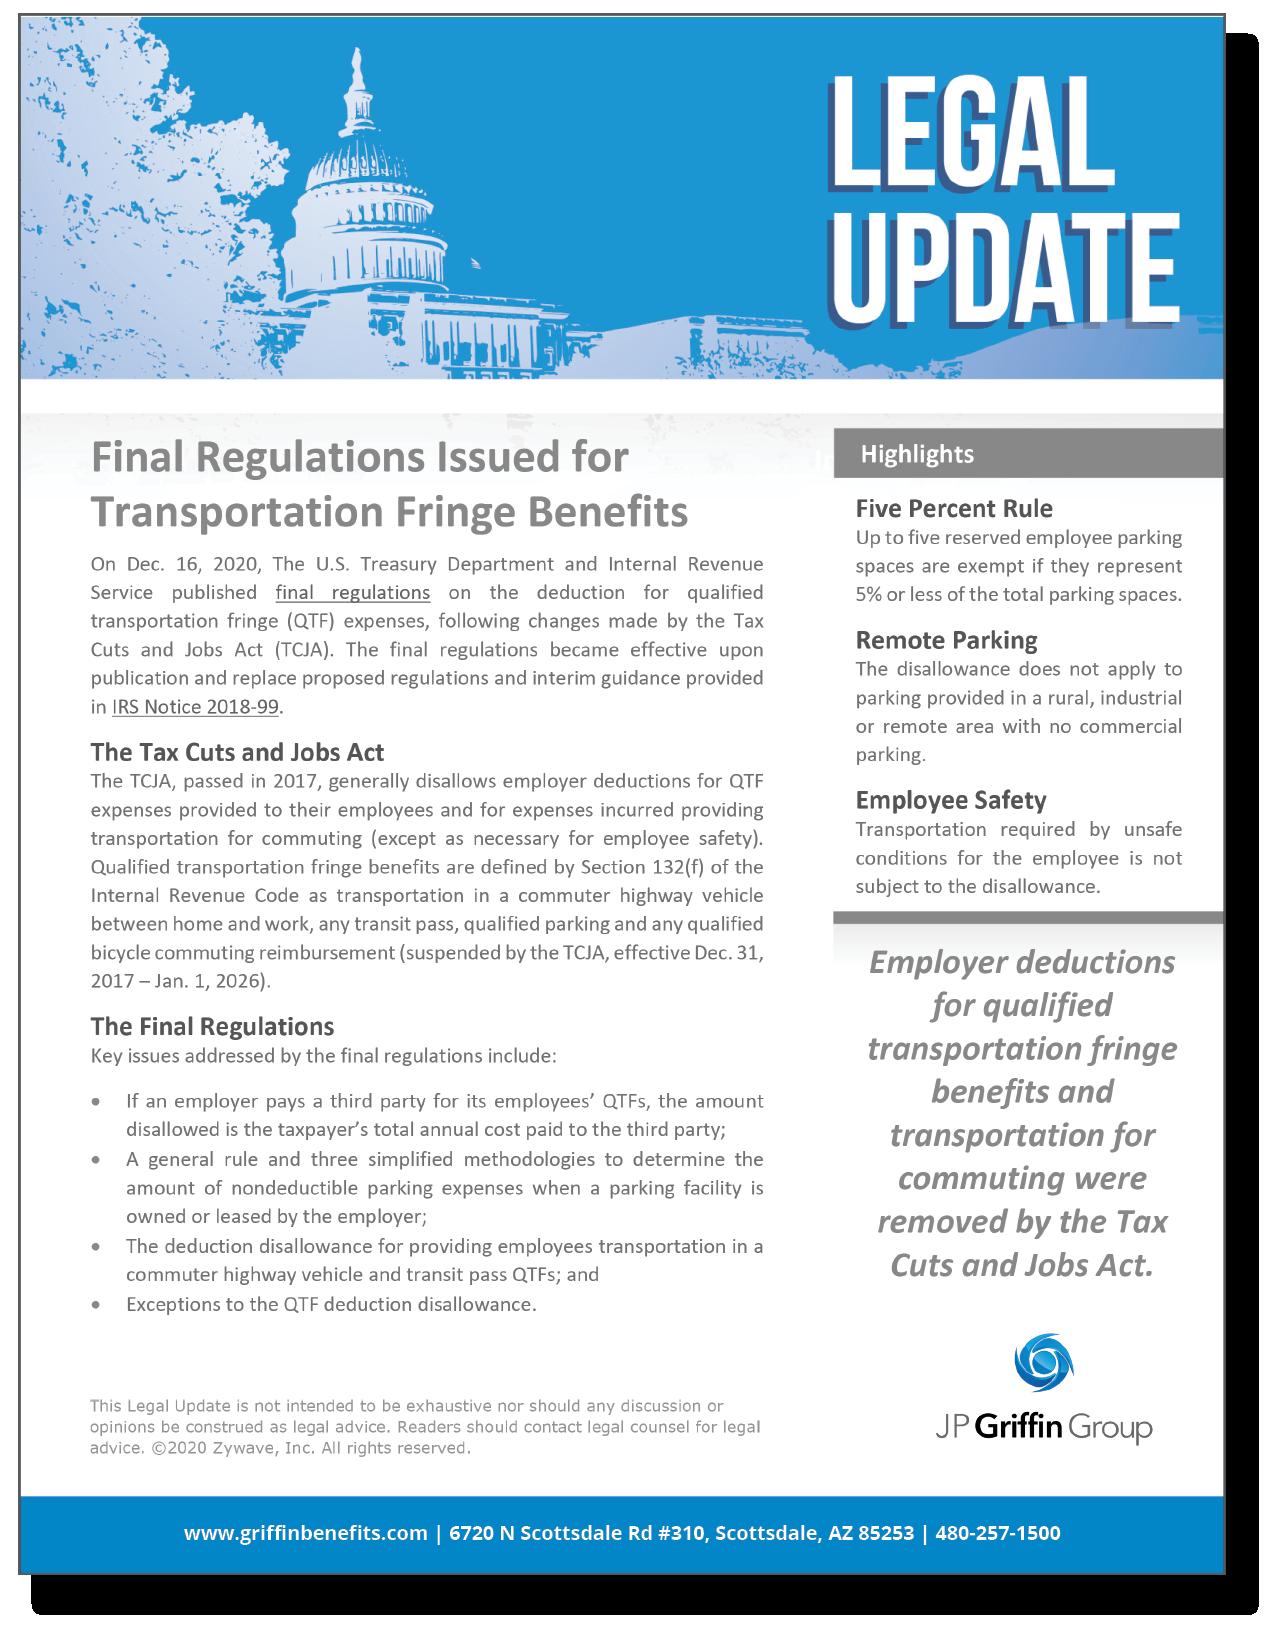 Final Regulations Issued for Transportation Fringe Benefits